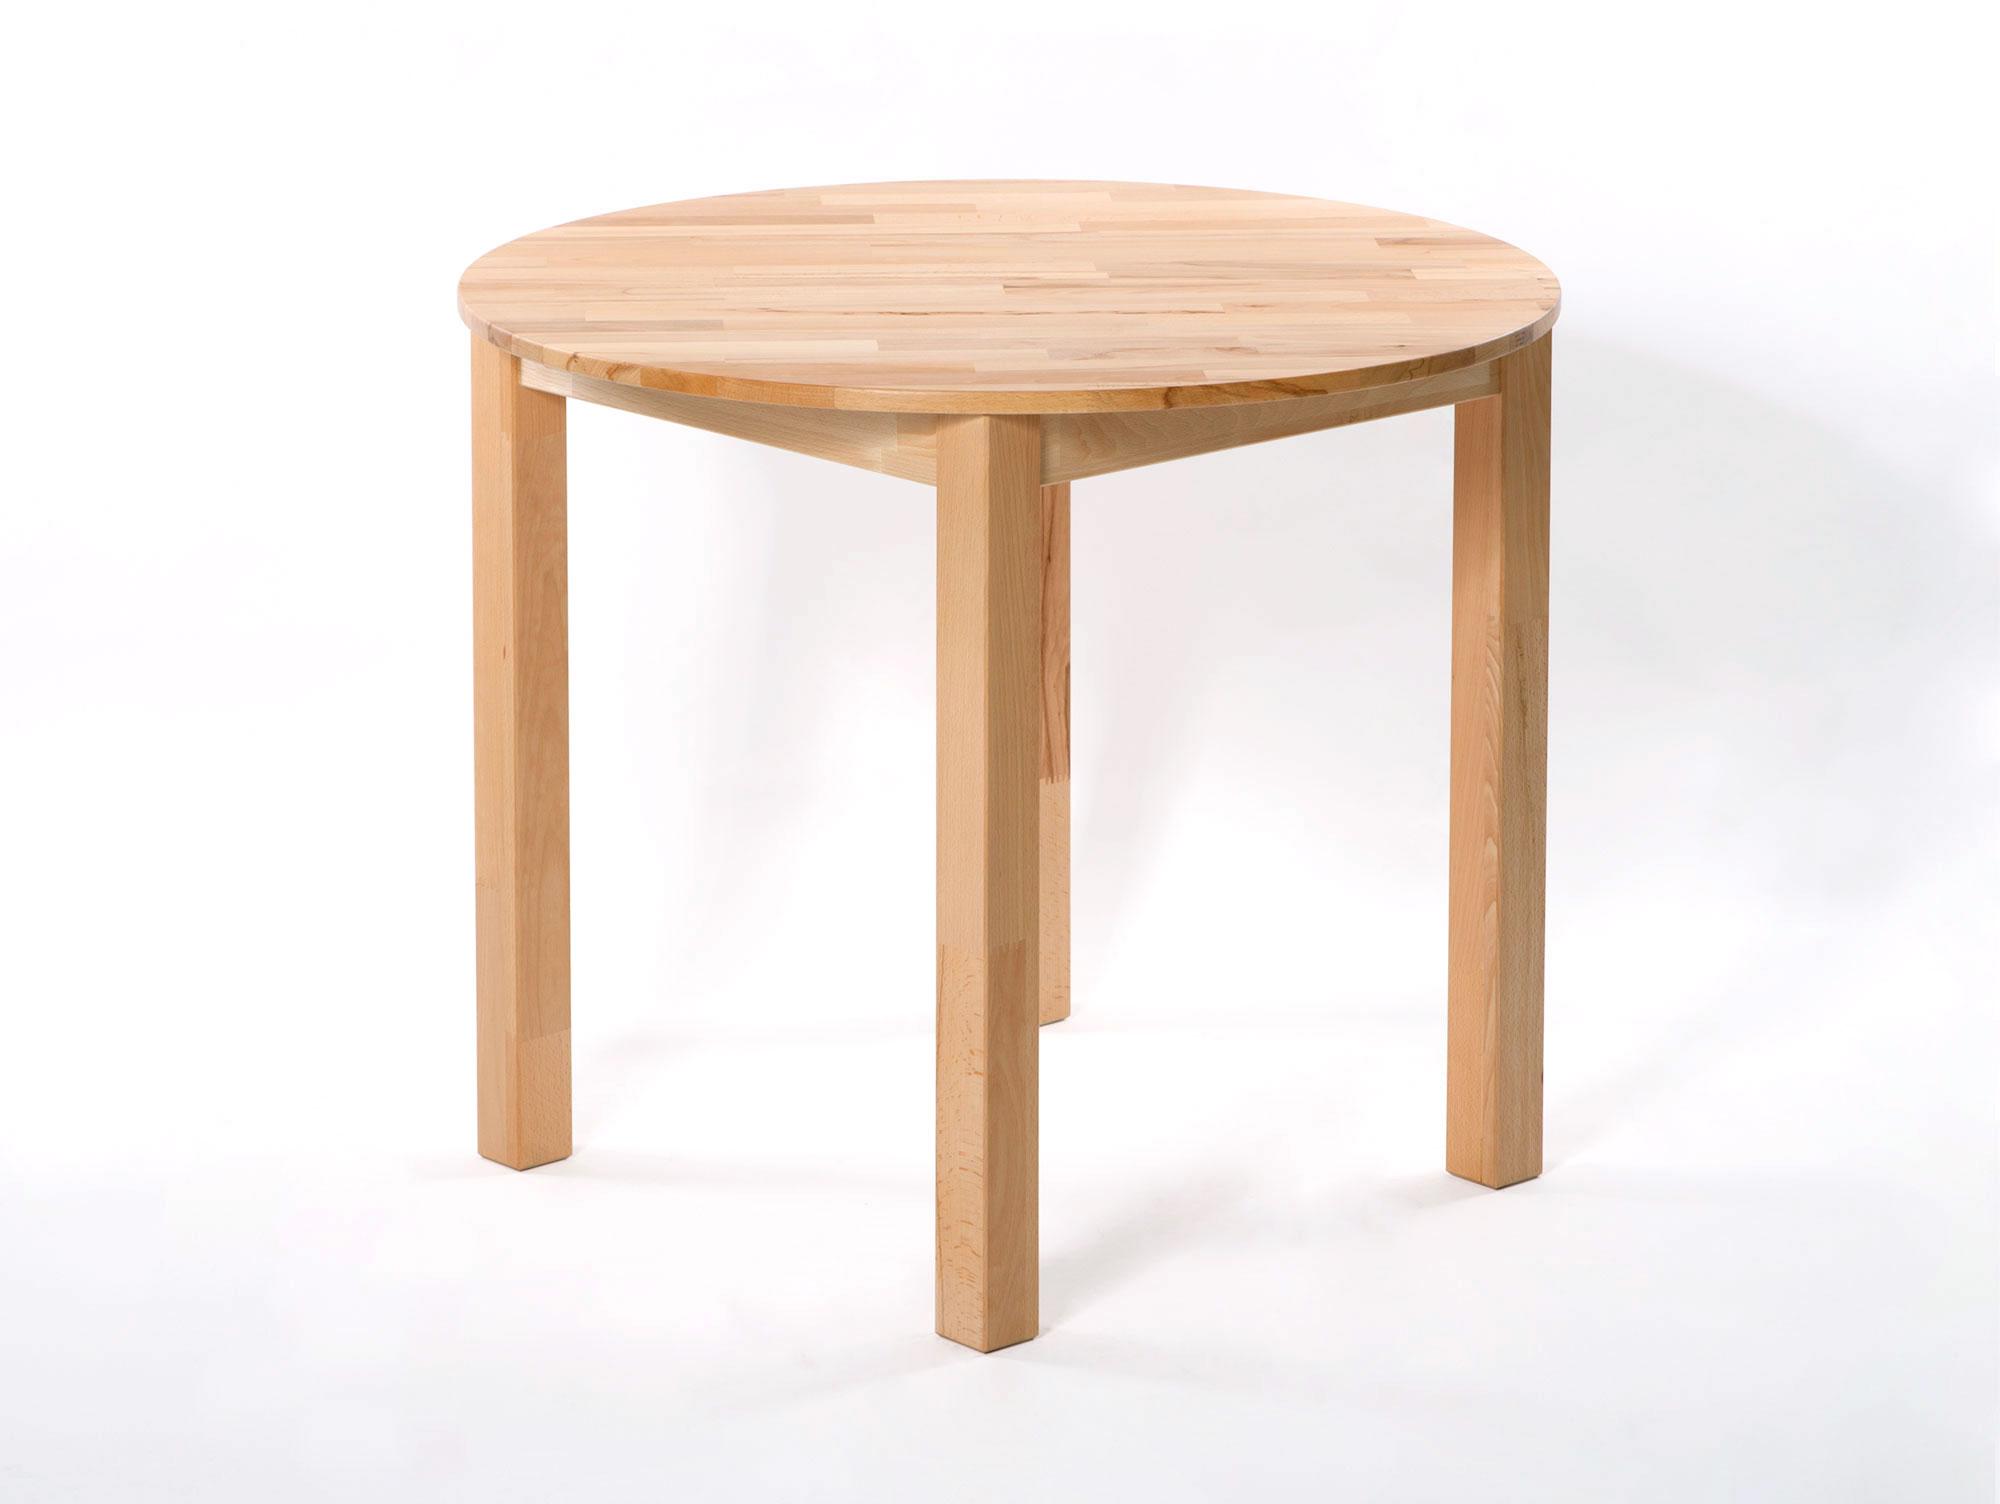 dirk esstisch rund 90 cm material massivholz kernbuche. Black Bedroom Furniture Sets. Home Design Ideas